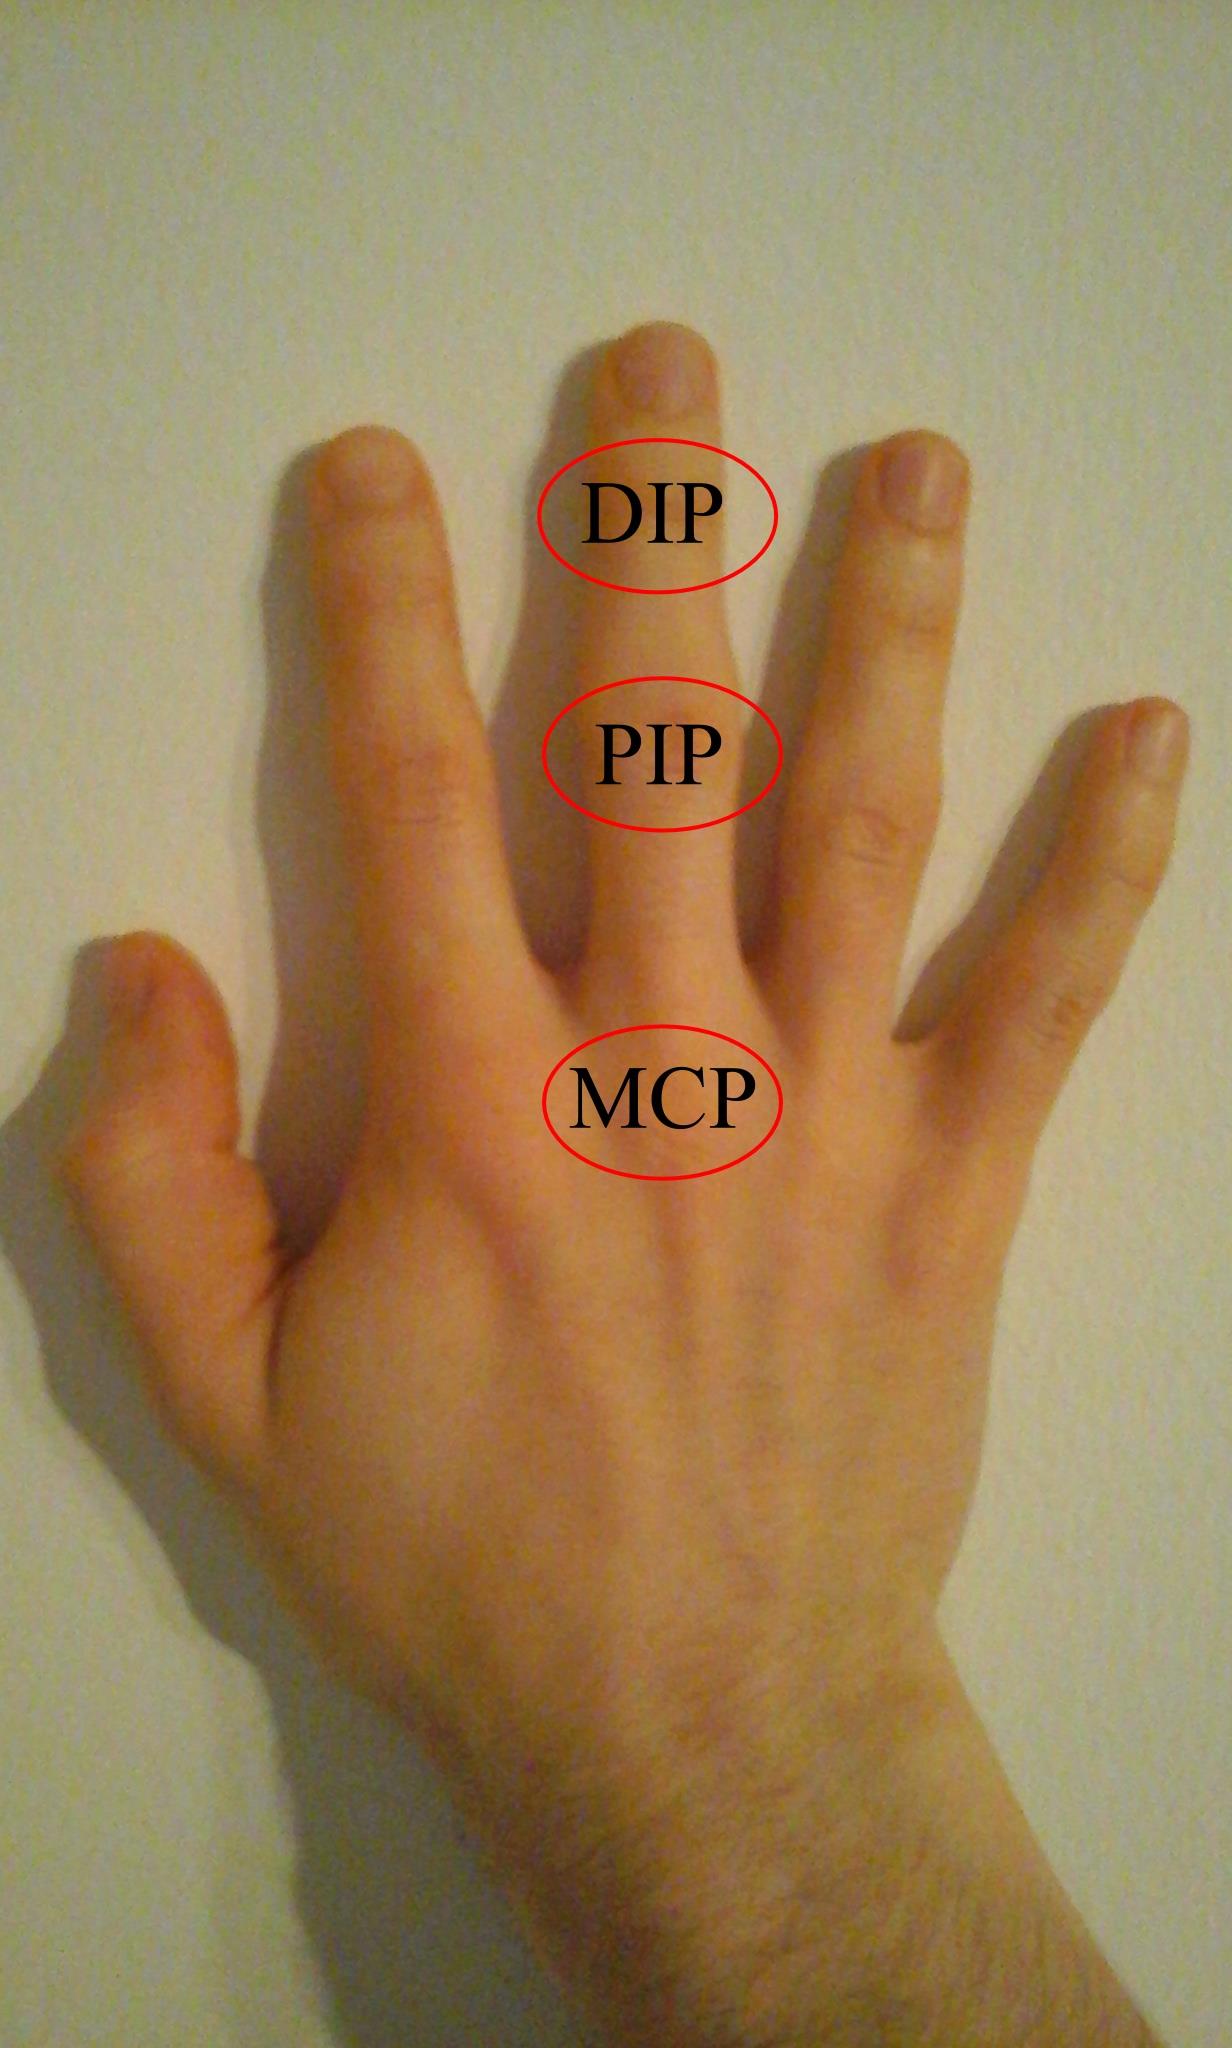 a láb és a kéz kis ízületeinek ízületi gyulladása)